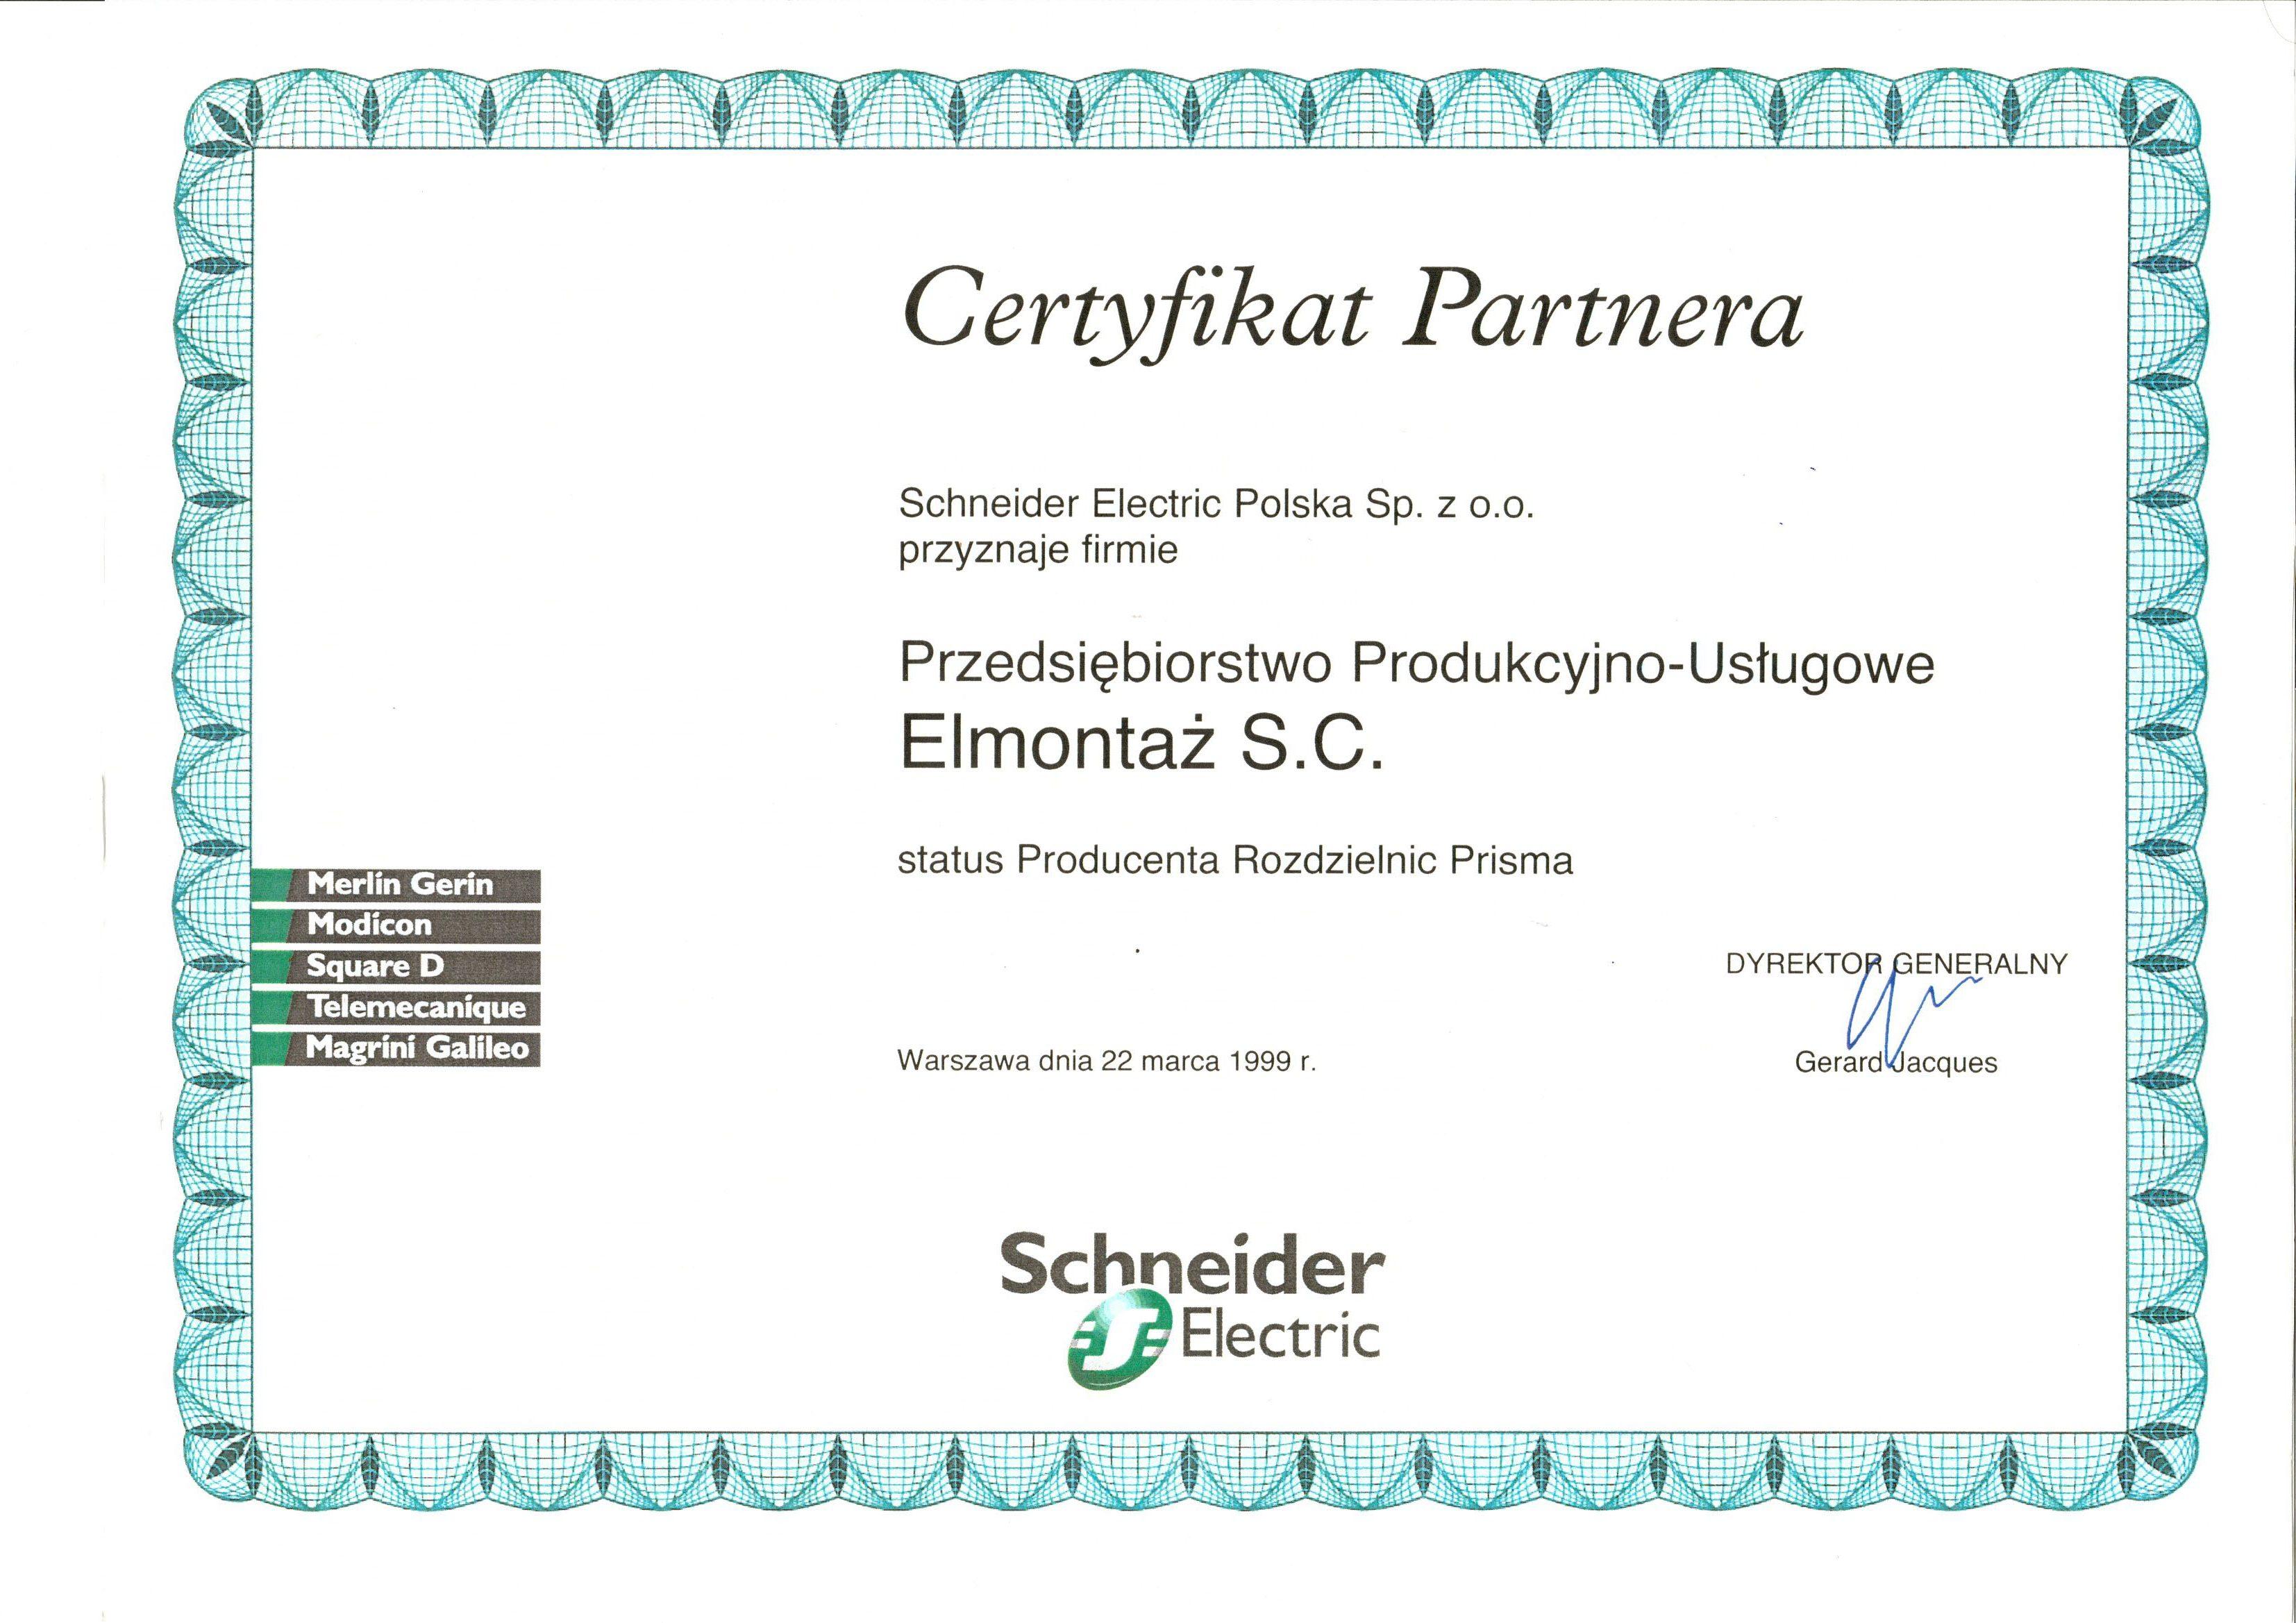 Certyfikat Partnera Schneider Electric